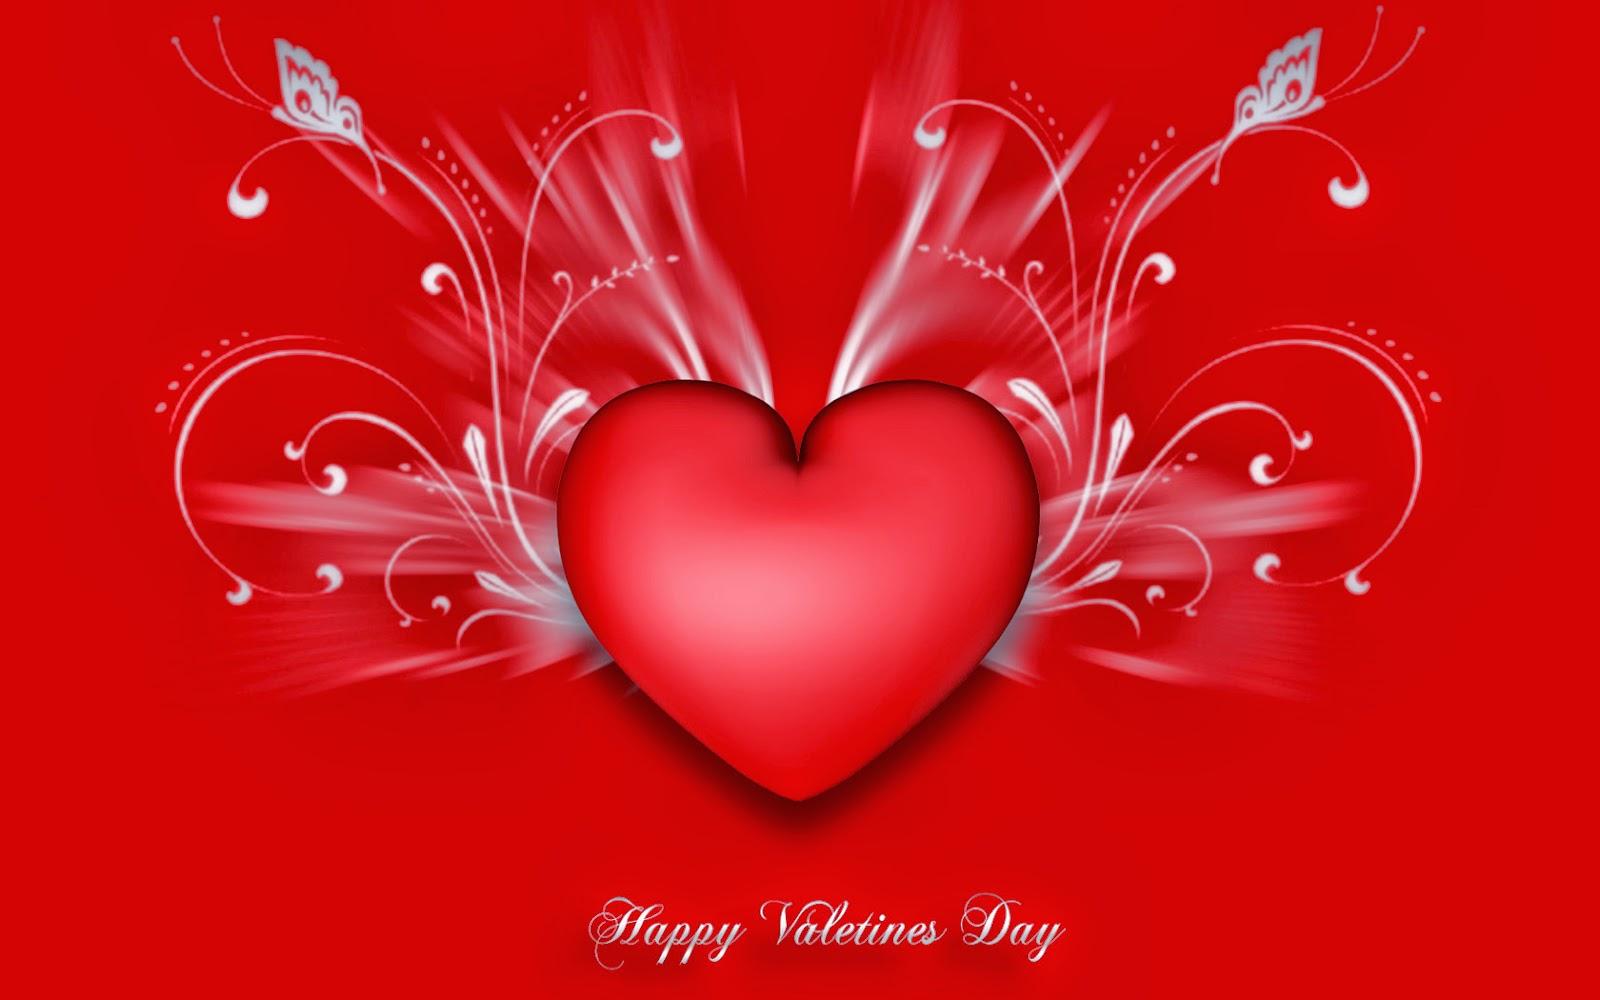 desktop wallpaper valentines day desktop wallpaper valentines day 1600x1000